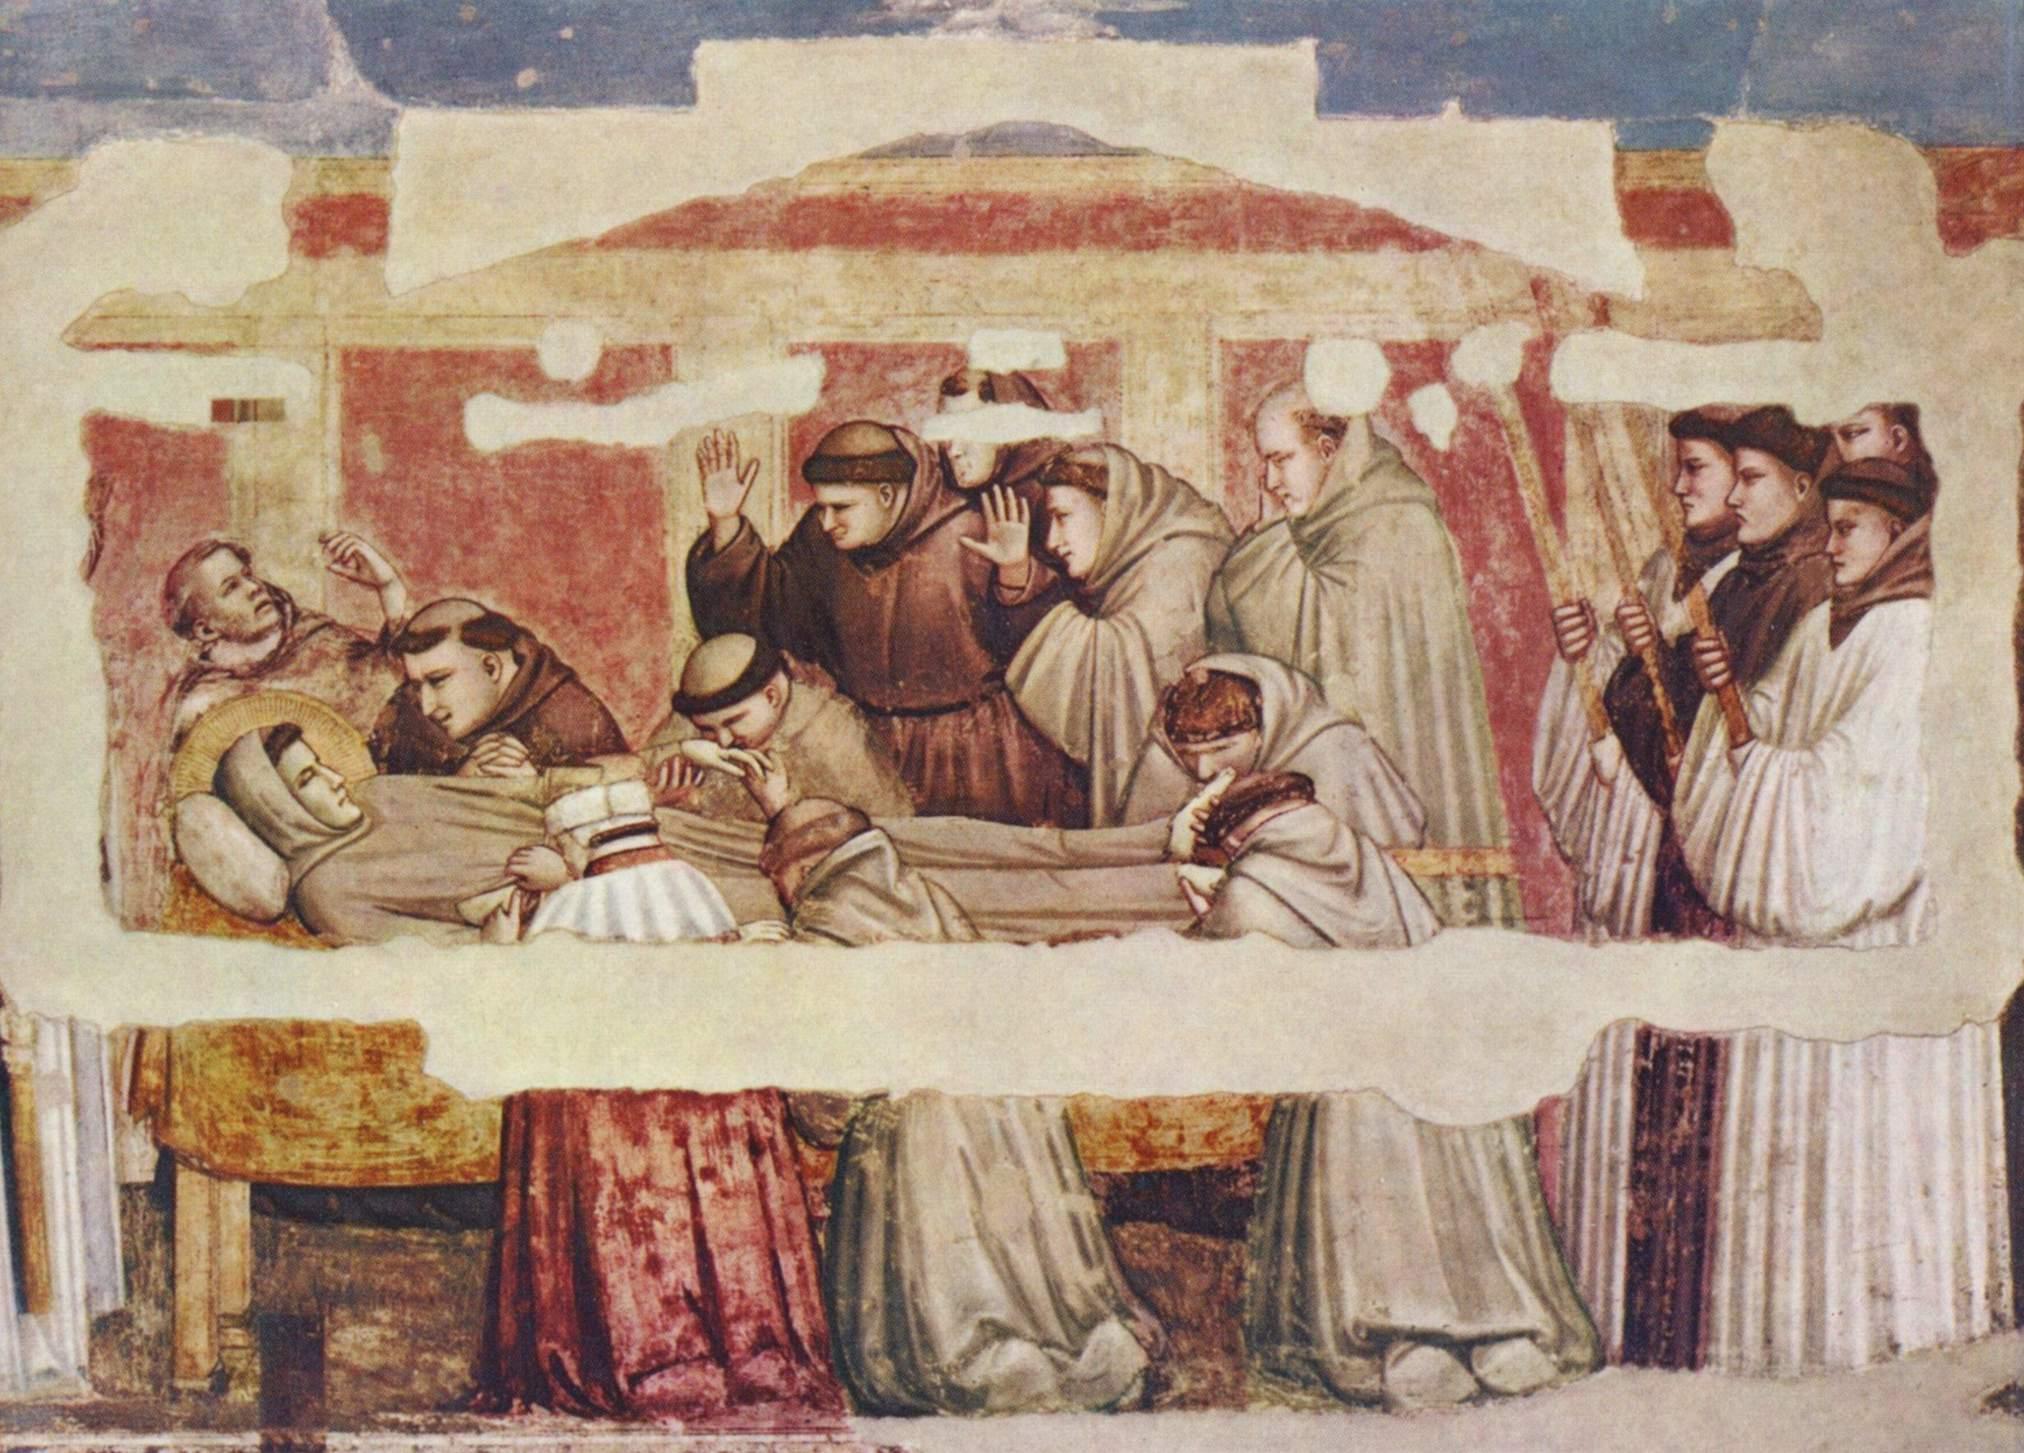 Цикл фресок из жизни св. Франциска, капелла Барди [11]. Санта Кроче во Флоренции. св. Клара из Ассиз, Джотто ди Бондоне